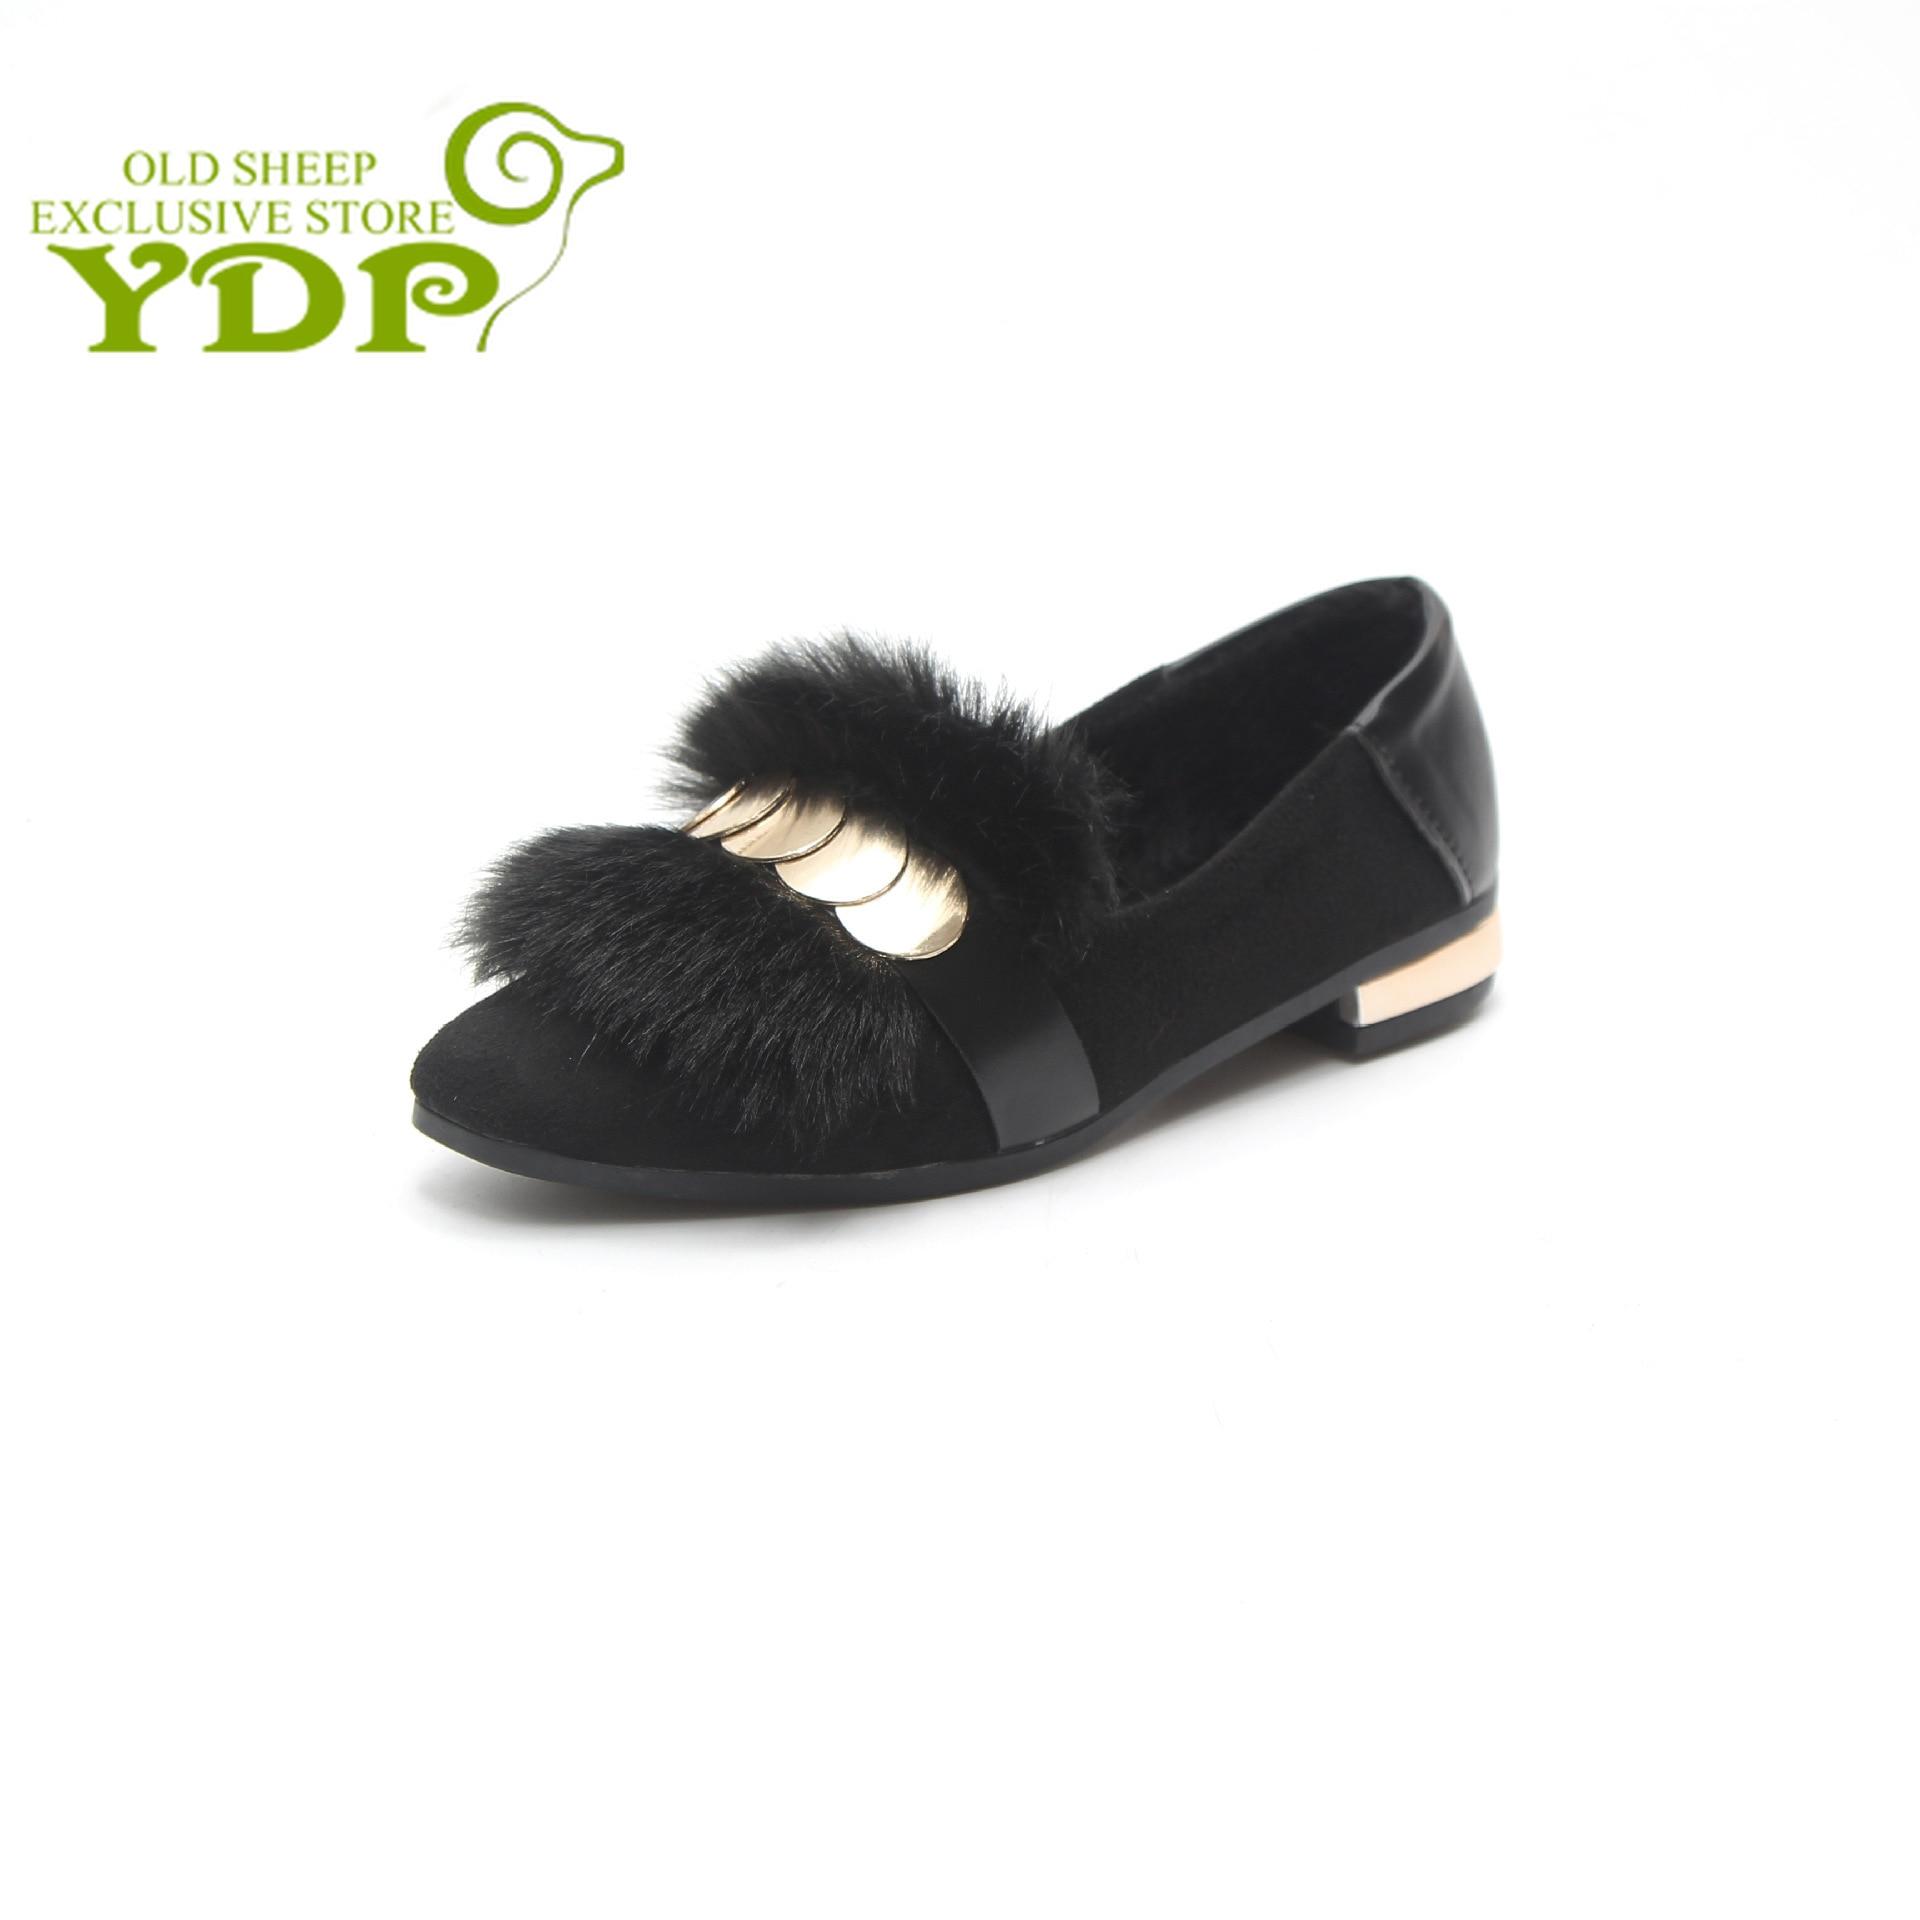 78ddb74280dc61 noir En Étanche Nouvelles Neige Plat Chaussures Mode Ydp Rembourré Bottes  Sur Slip D'hiver Coton Khaki Femmes Chaudes Cheville De Peluche XHnSSwxq6